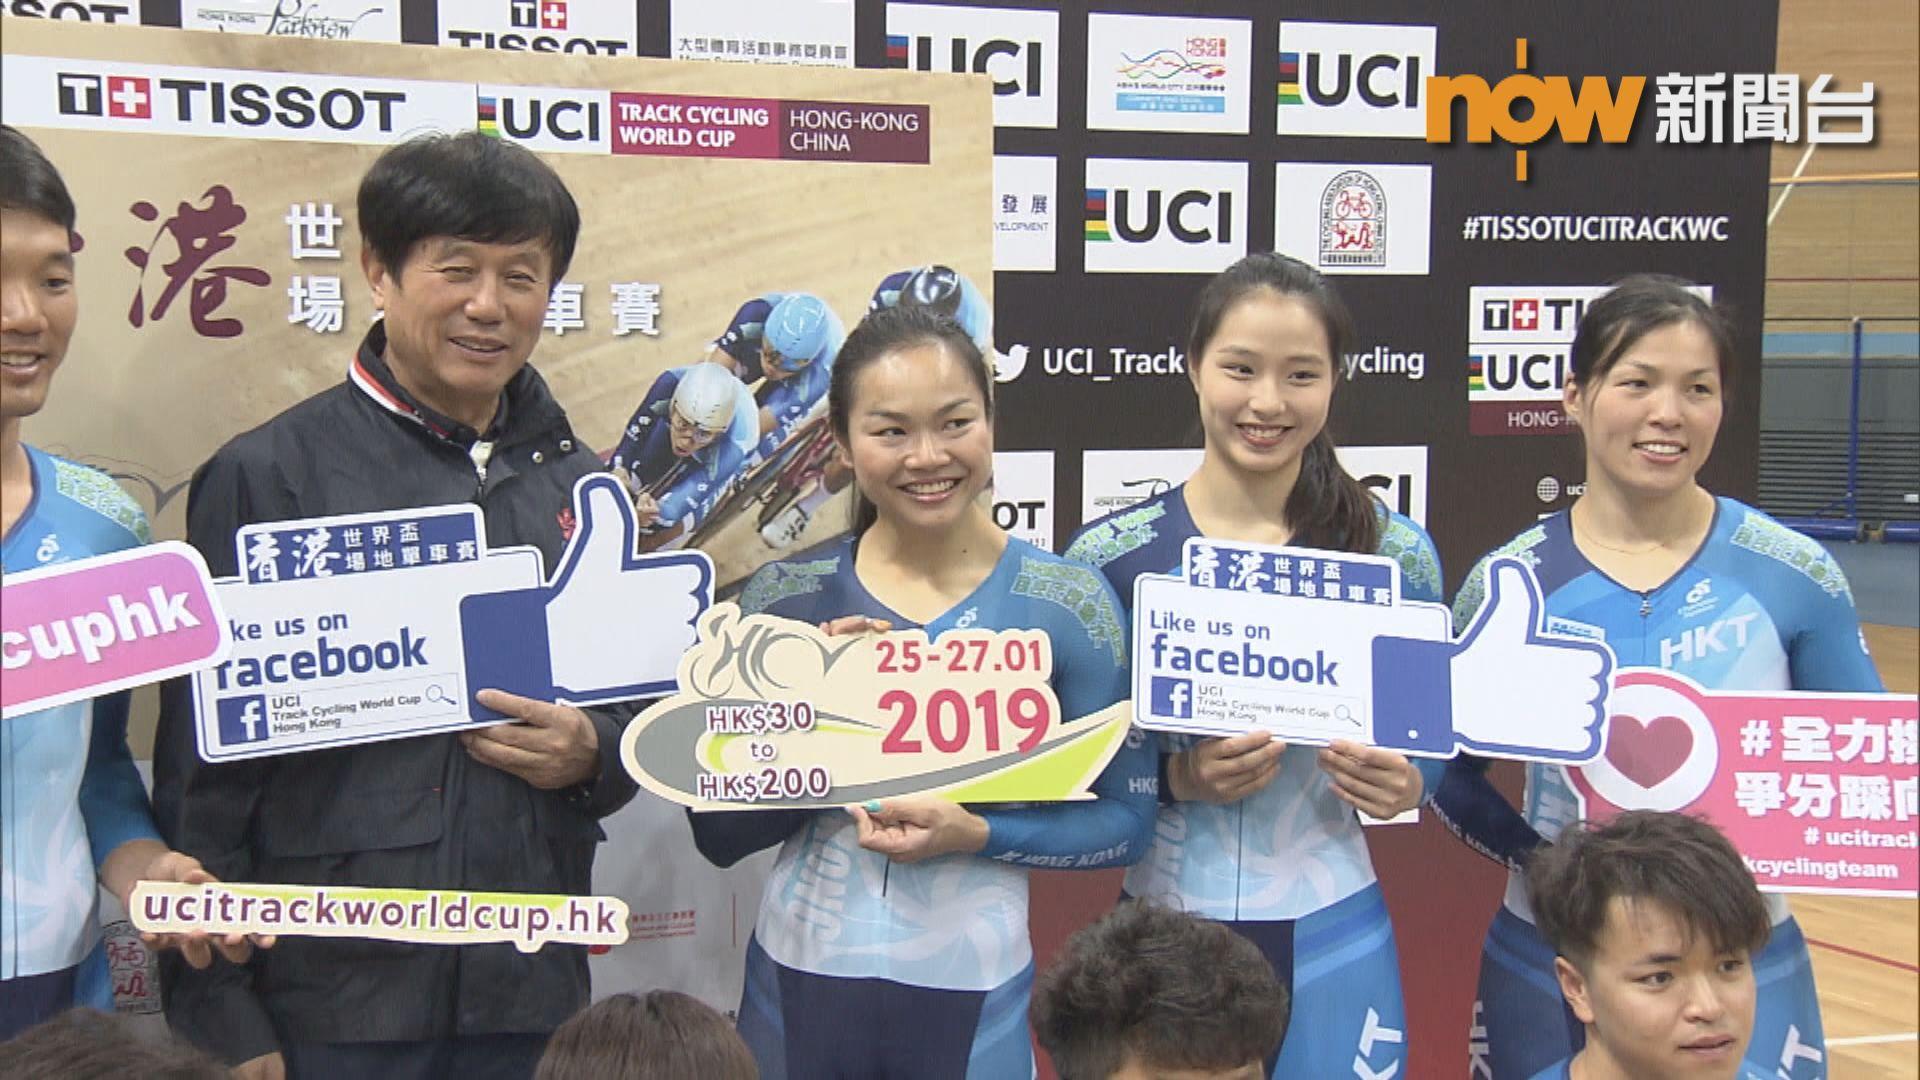 場地單車世界盃香港站明年一月舉行